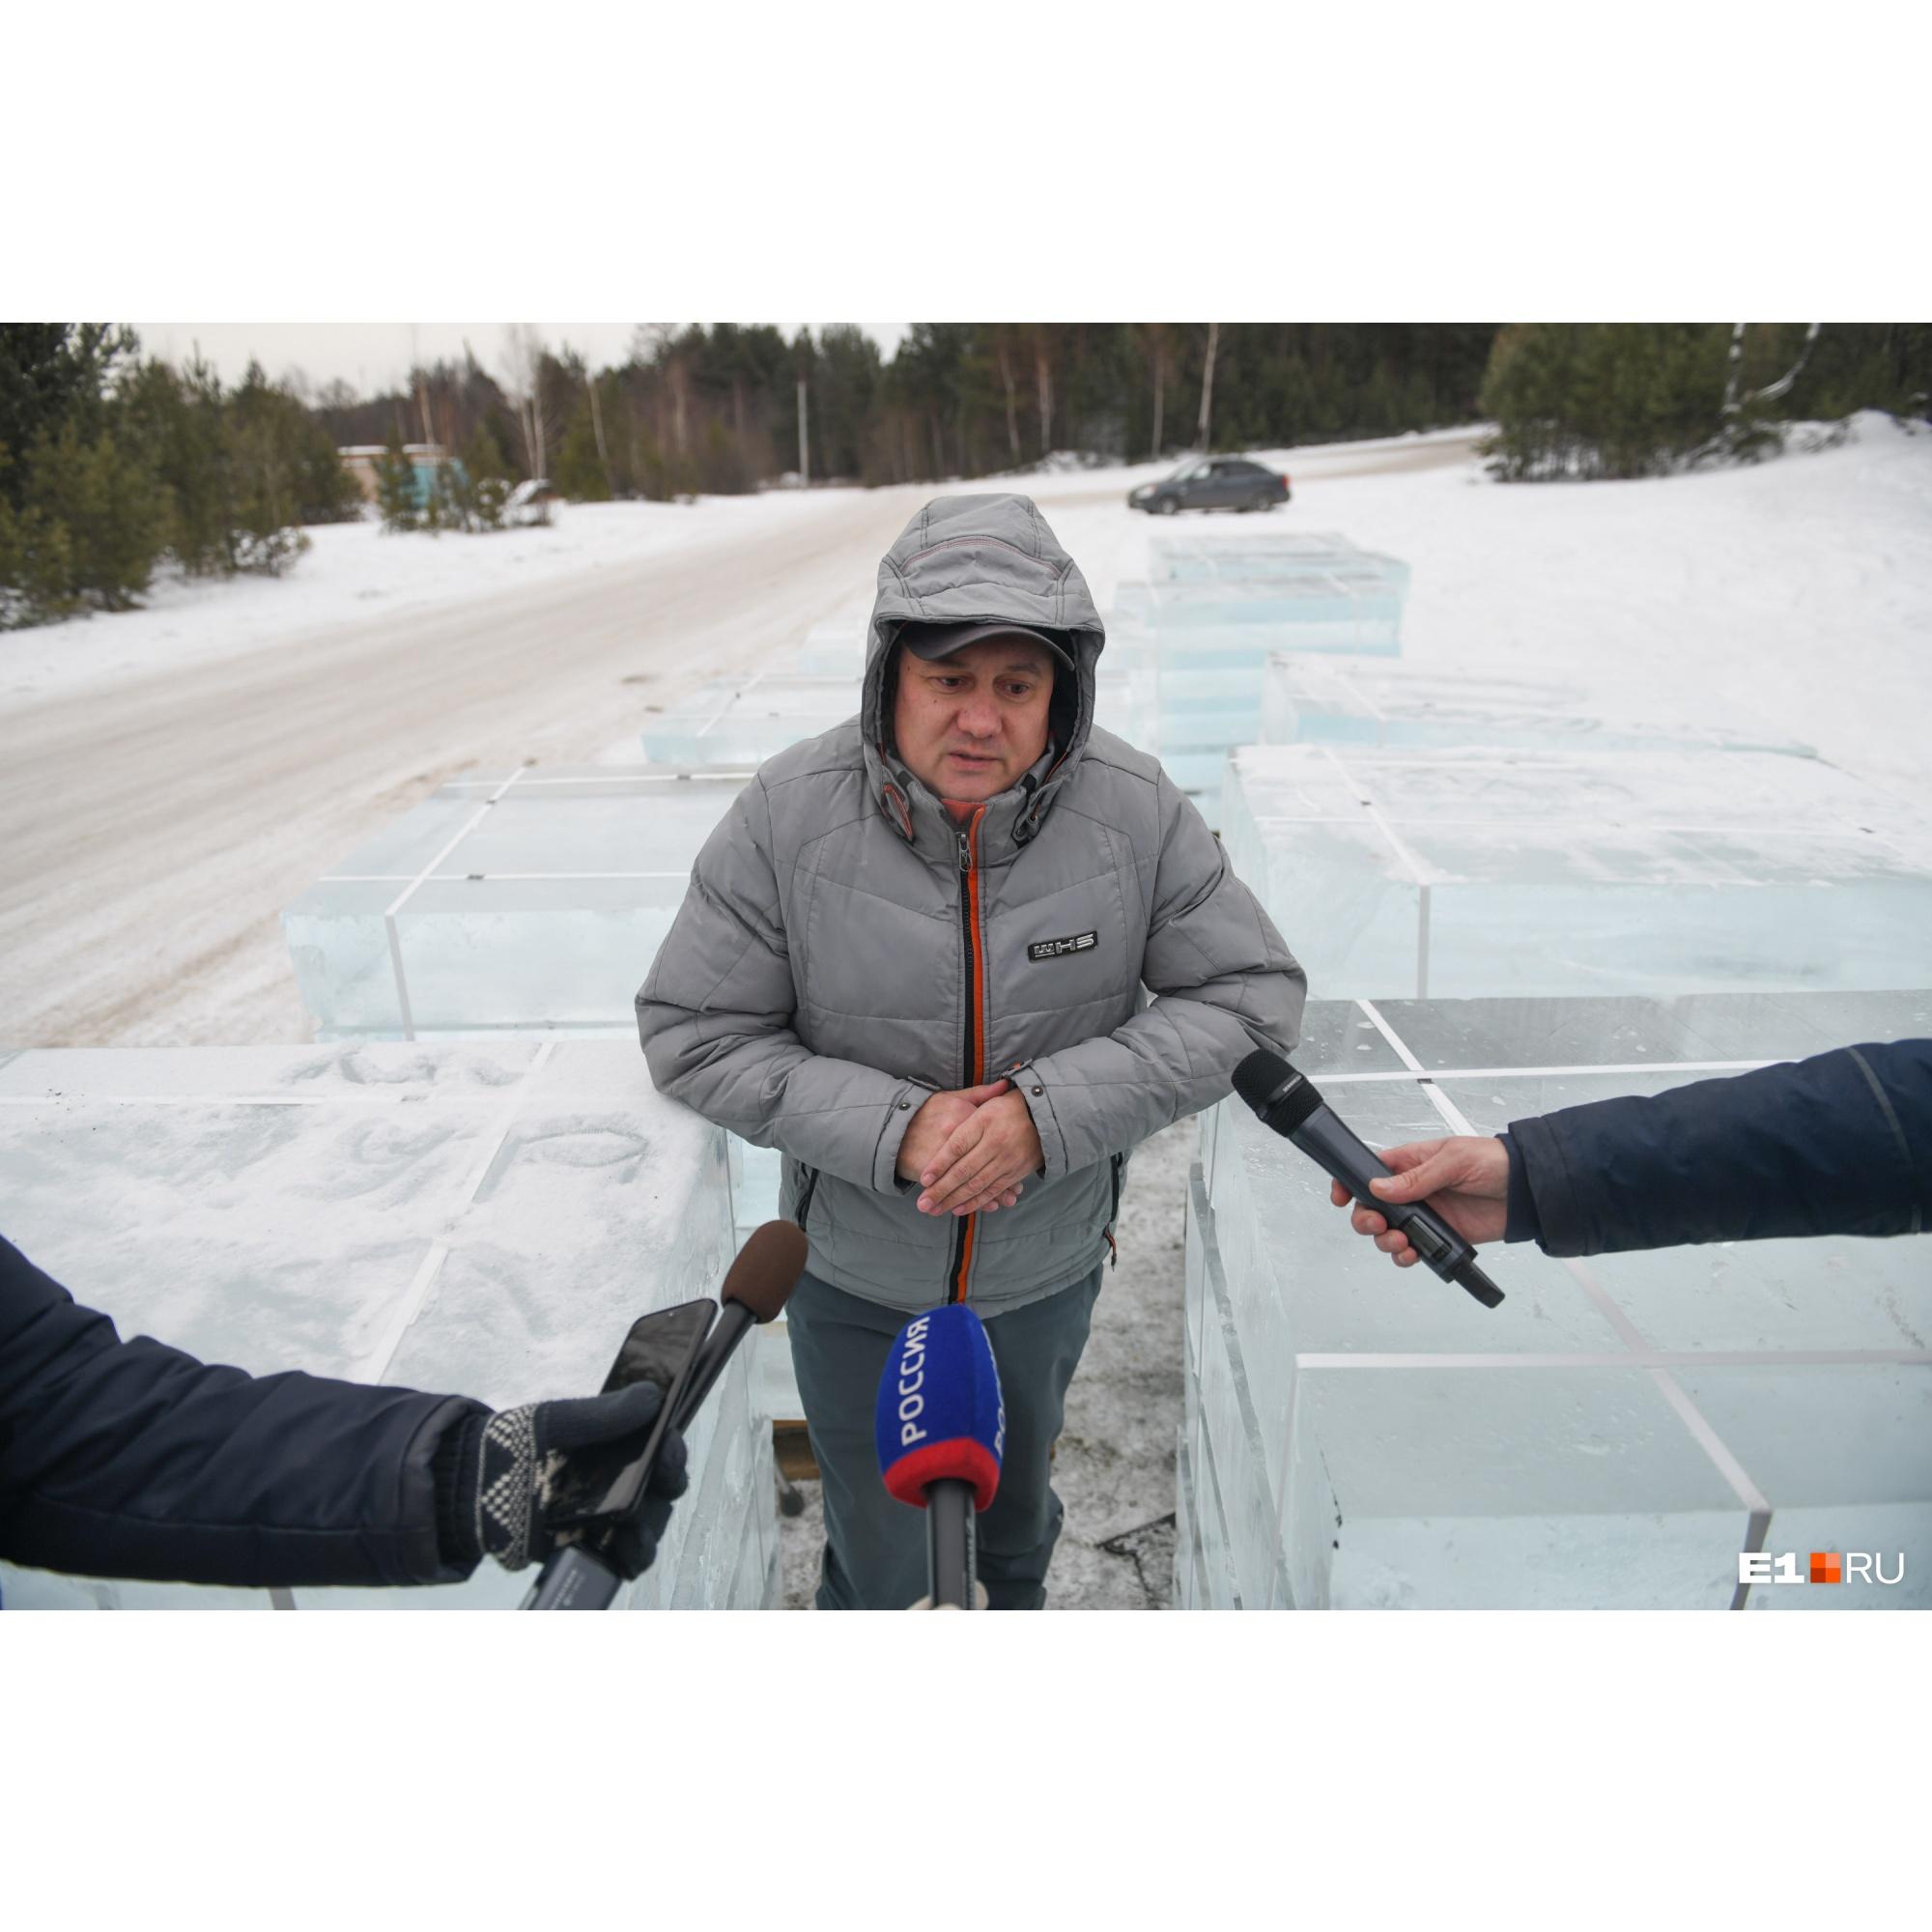 Алексей Григорьев, замдиректора компании «Айс-Проект 2000». Именно эта компания готовит ледяные блоки для новогодних городков Екатеринбурга и Первоуральска